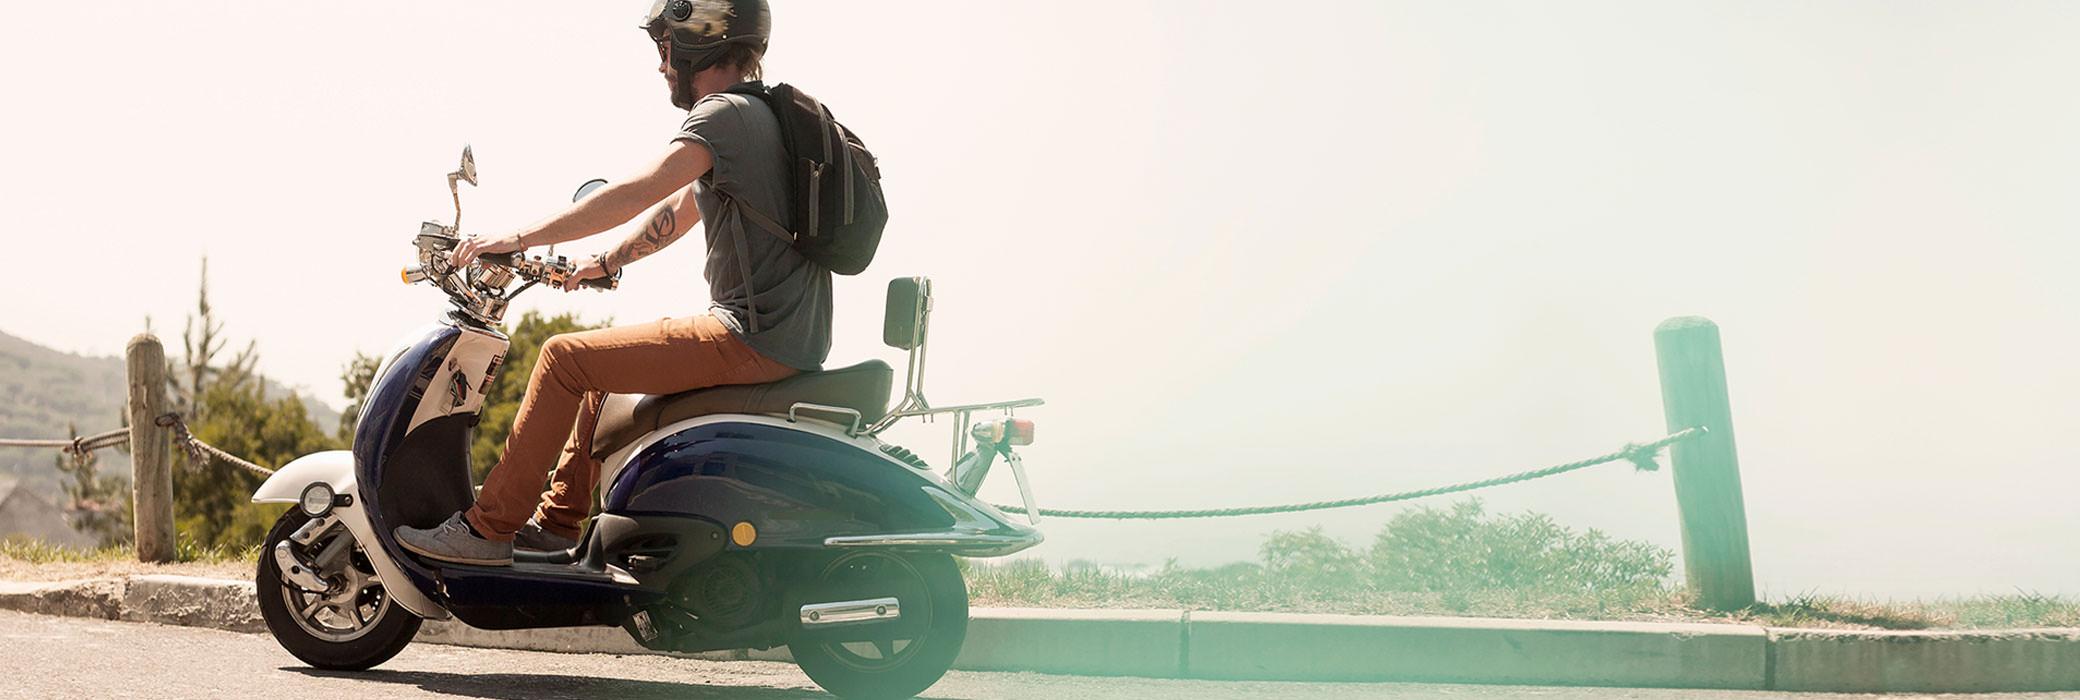 Een man op een scooter die weg van de camera rijdt